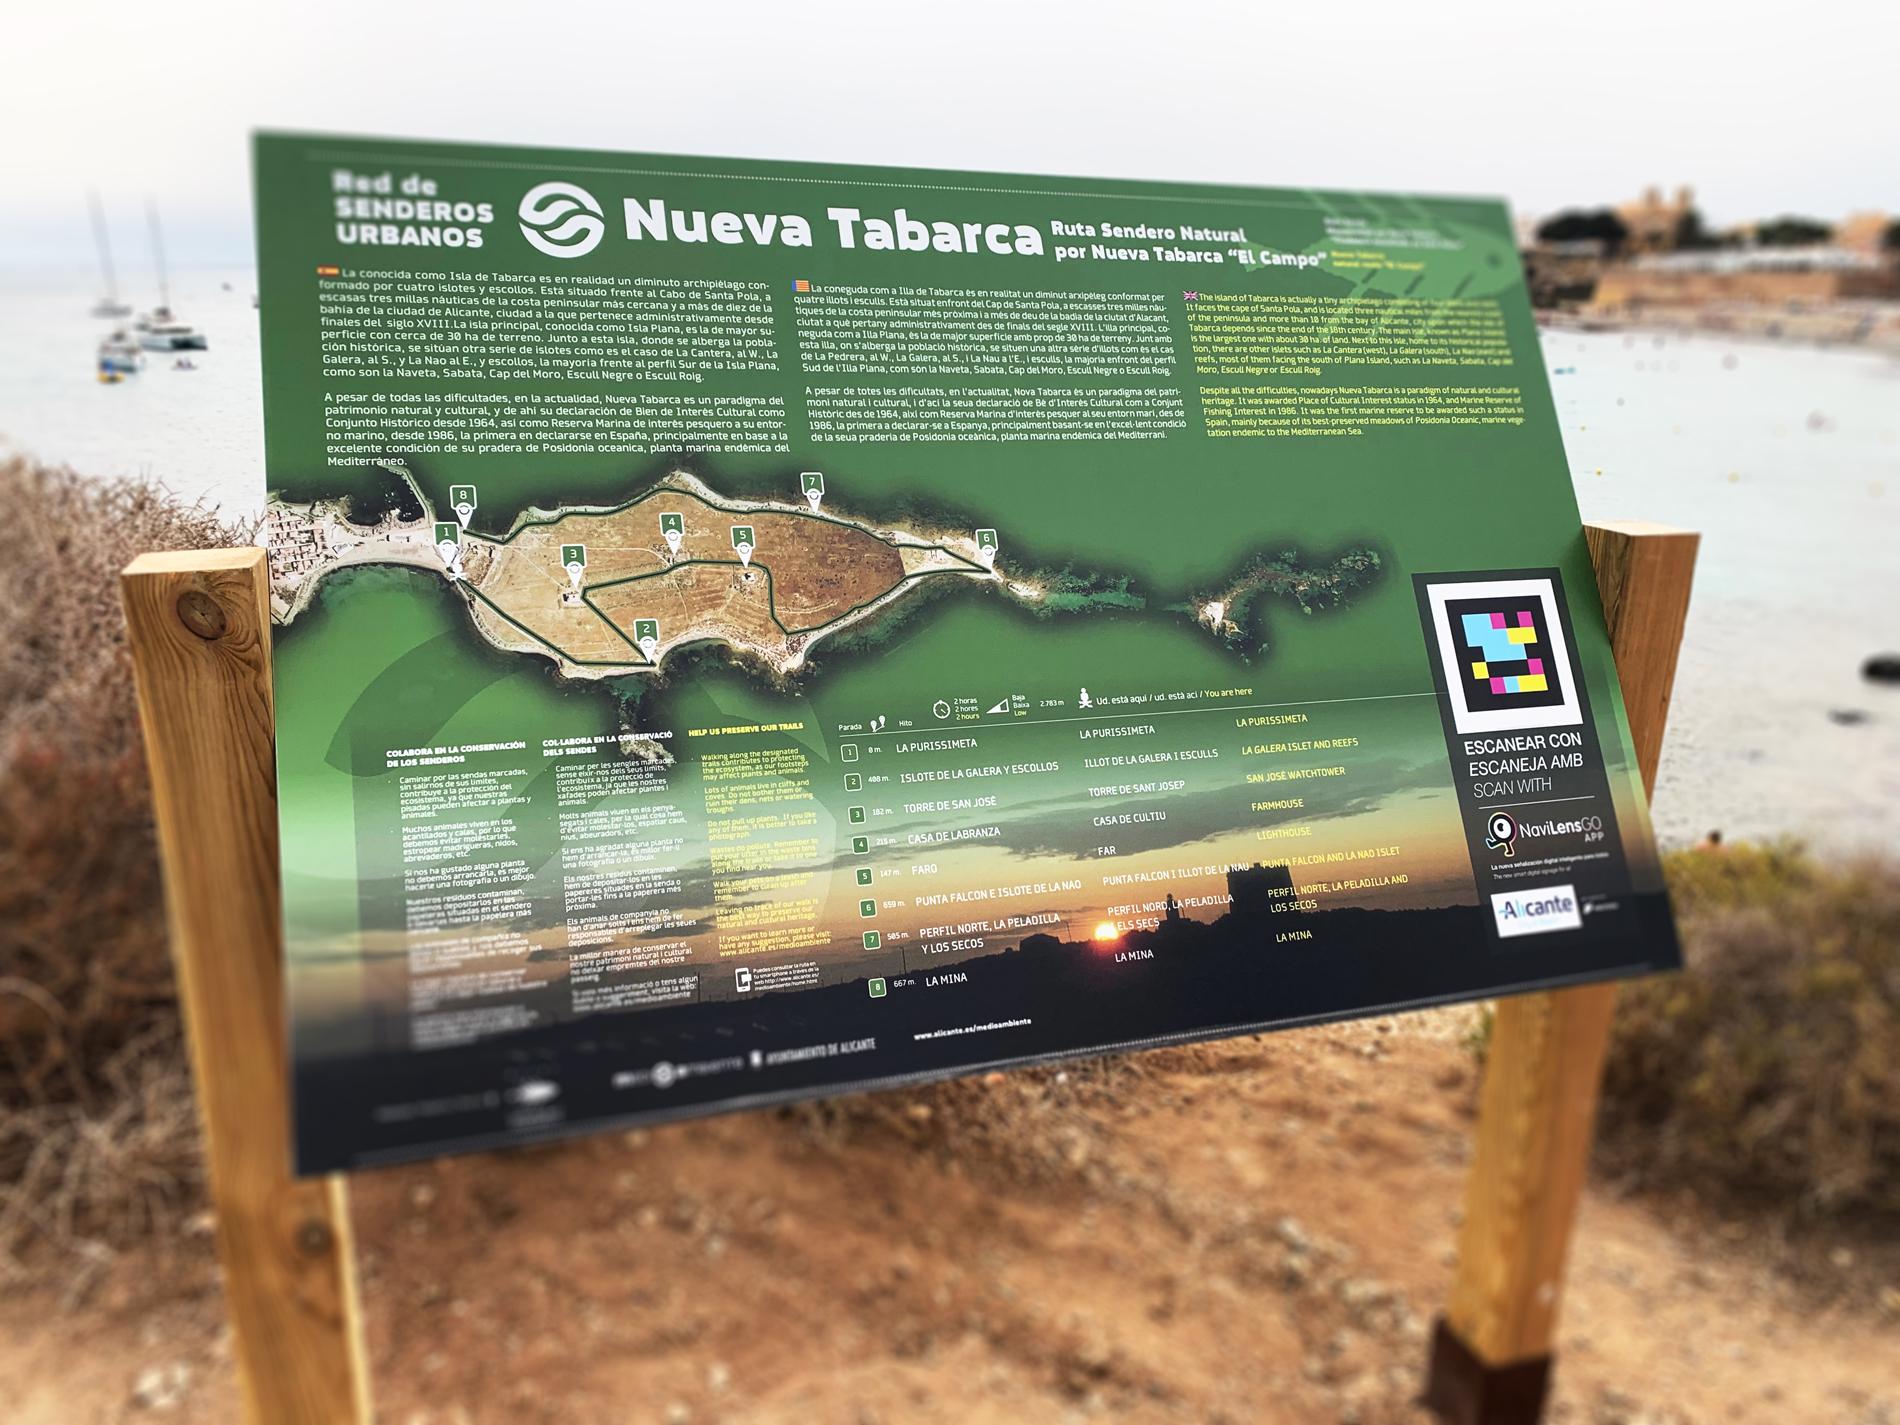 Señalética en el Campo de Nueva Tabarca